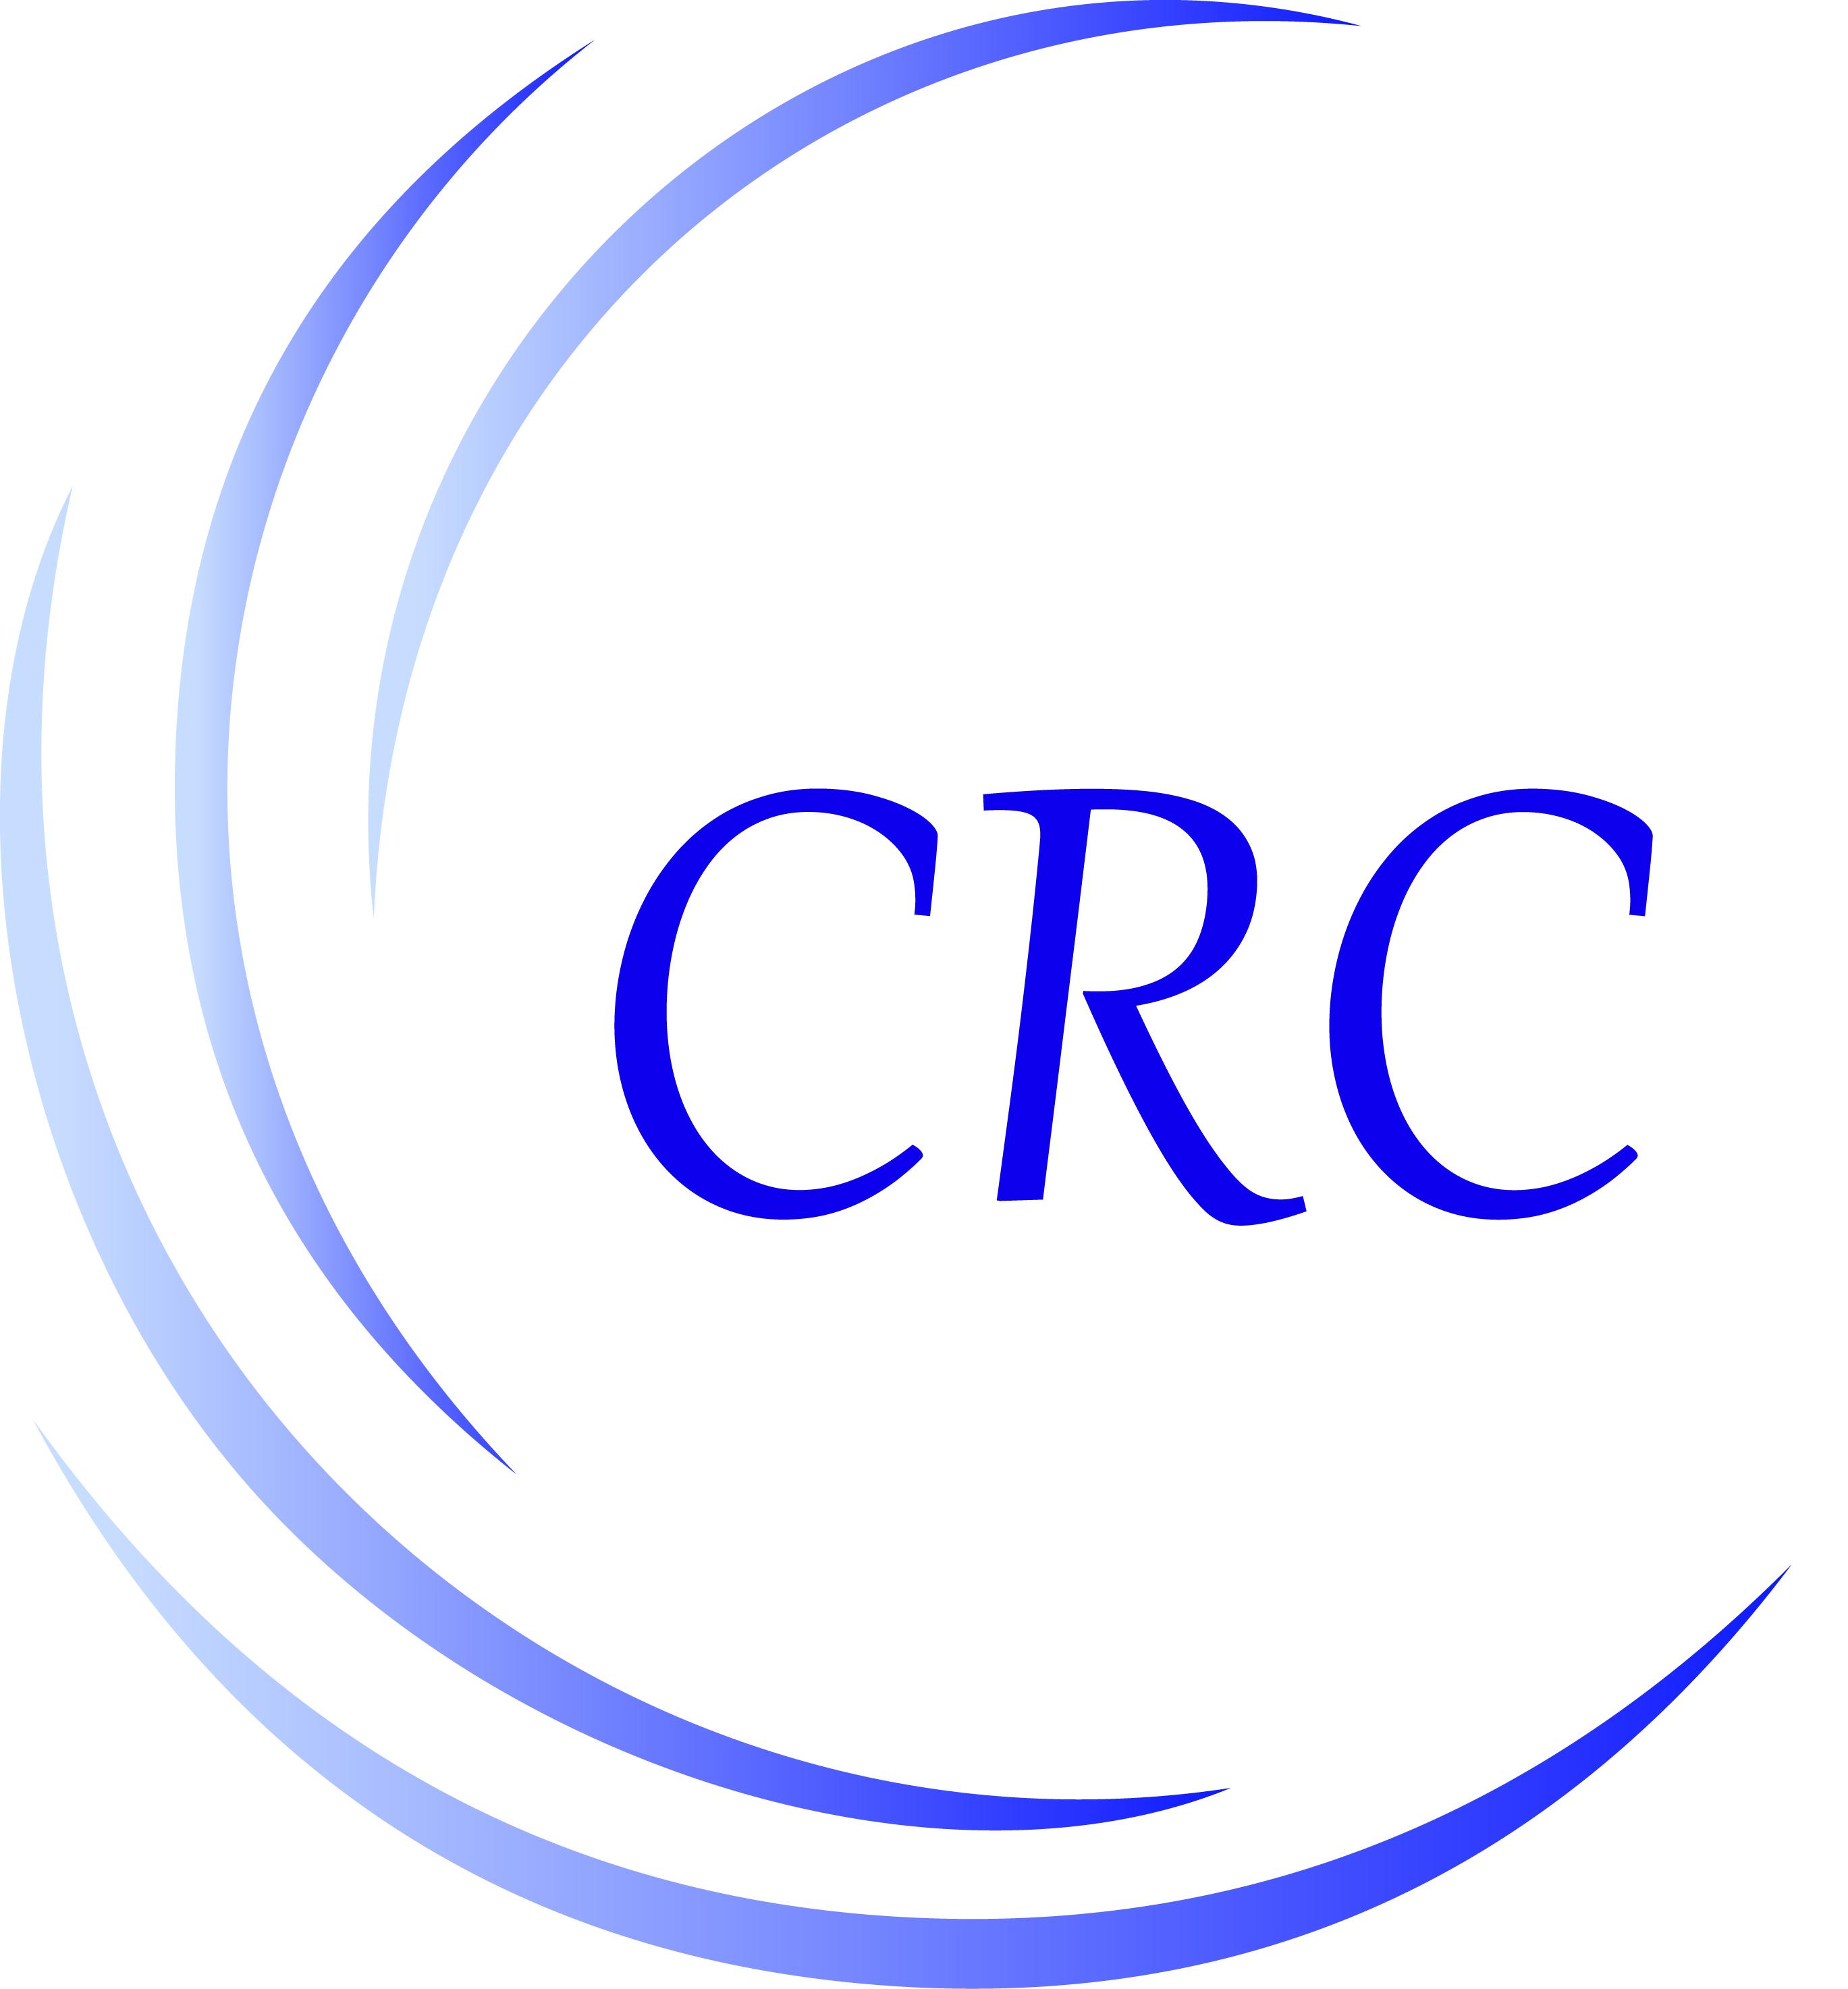 Community Resources Council